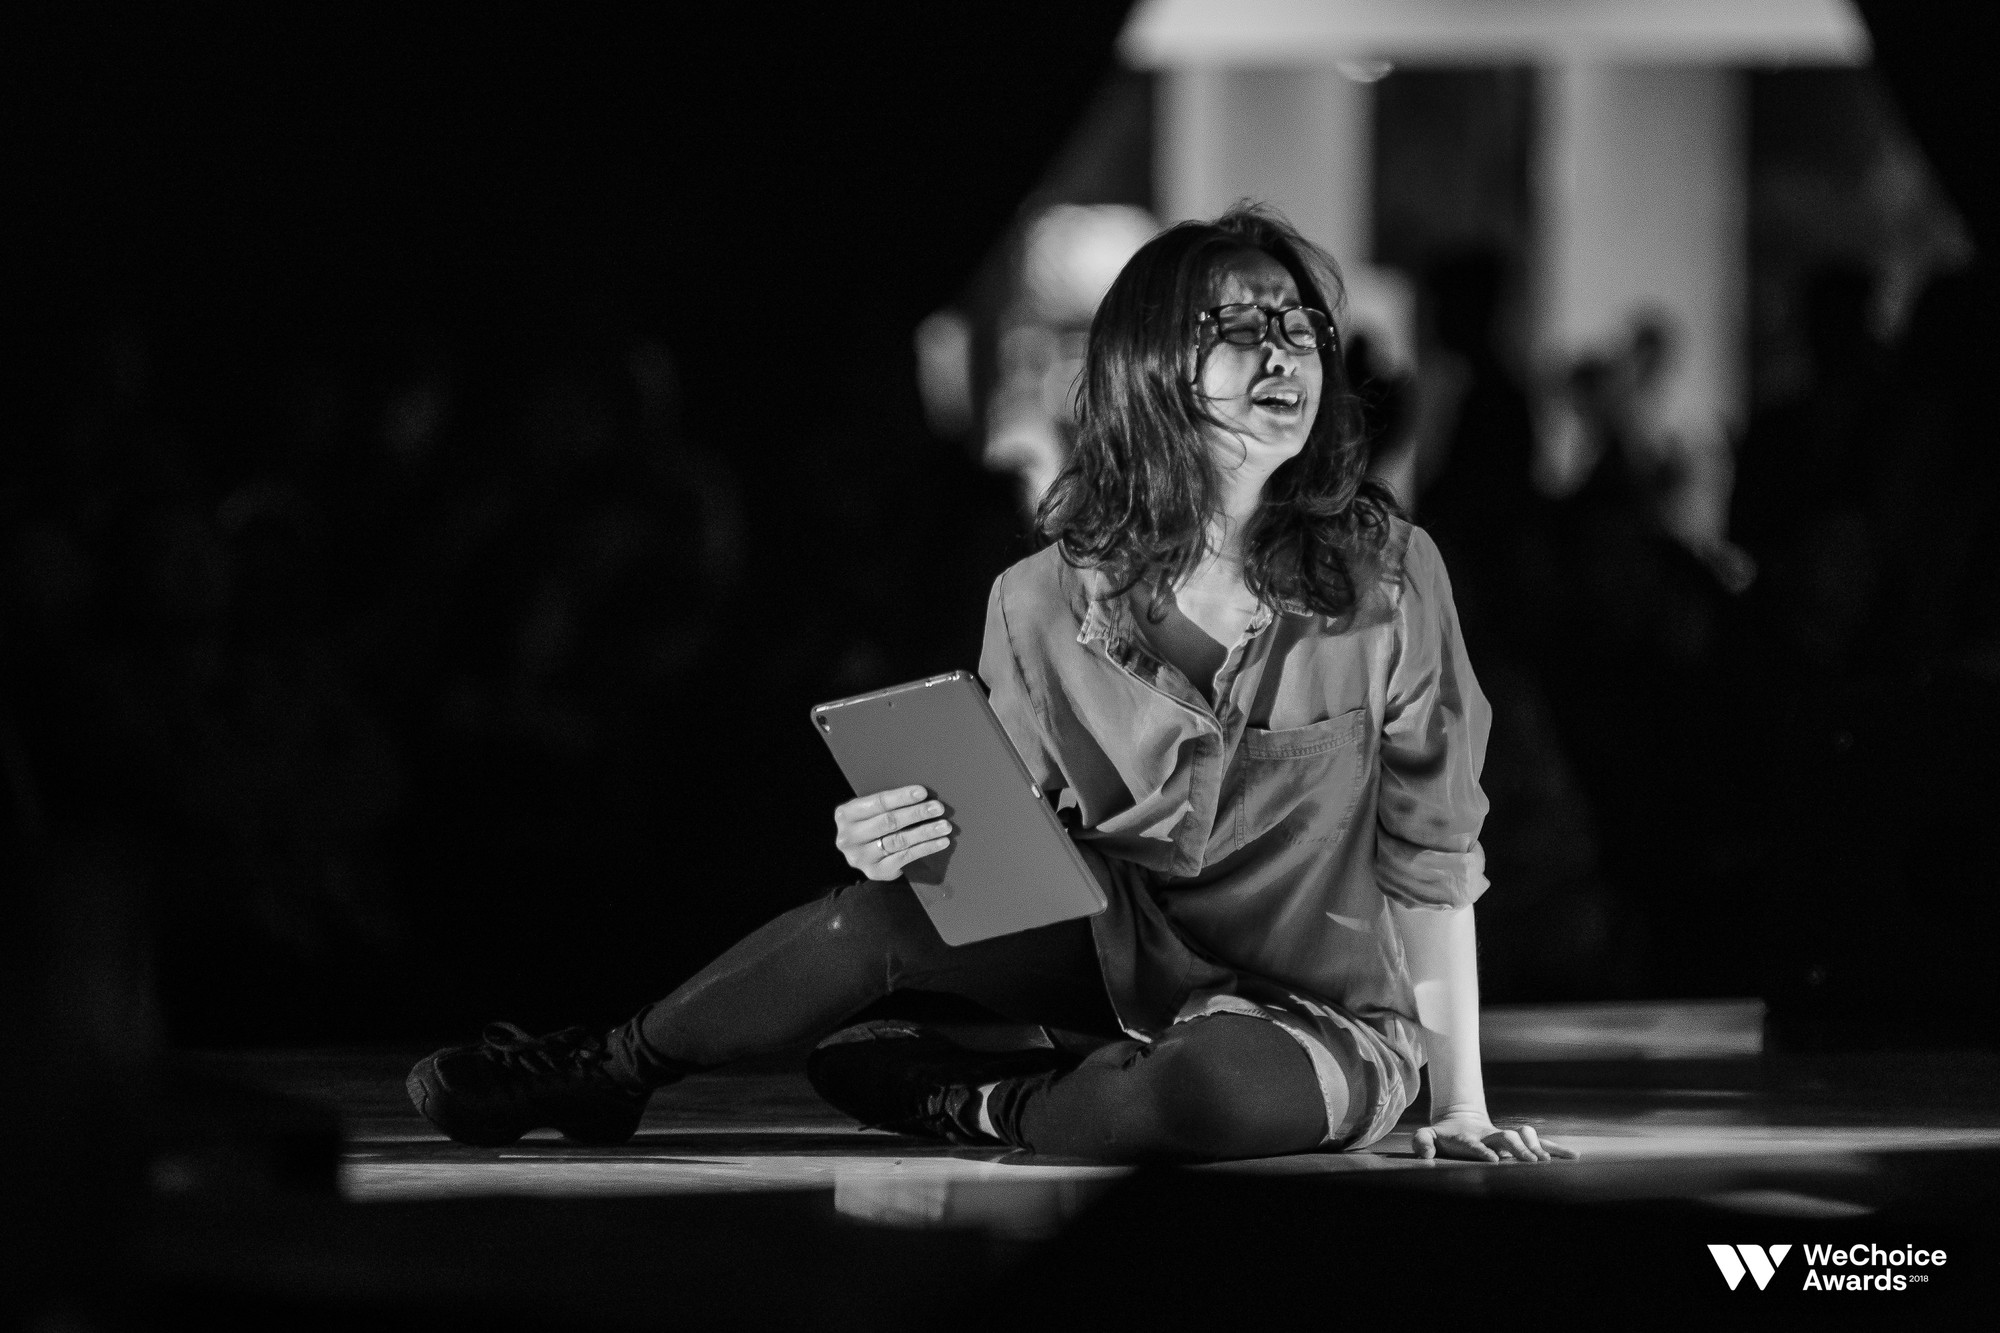 Đạo diễn Việt Tú hé lộ chìa khóa thành công của Gala WeChoice Awards 2018: Hoành tráng chưa đủ, quan trọng là thông điệp - Ảnh 3.